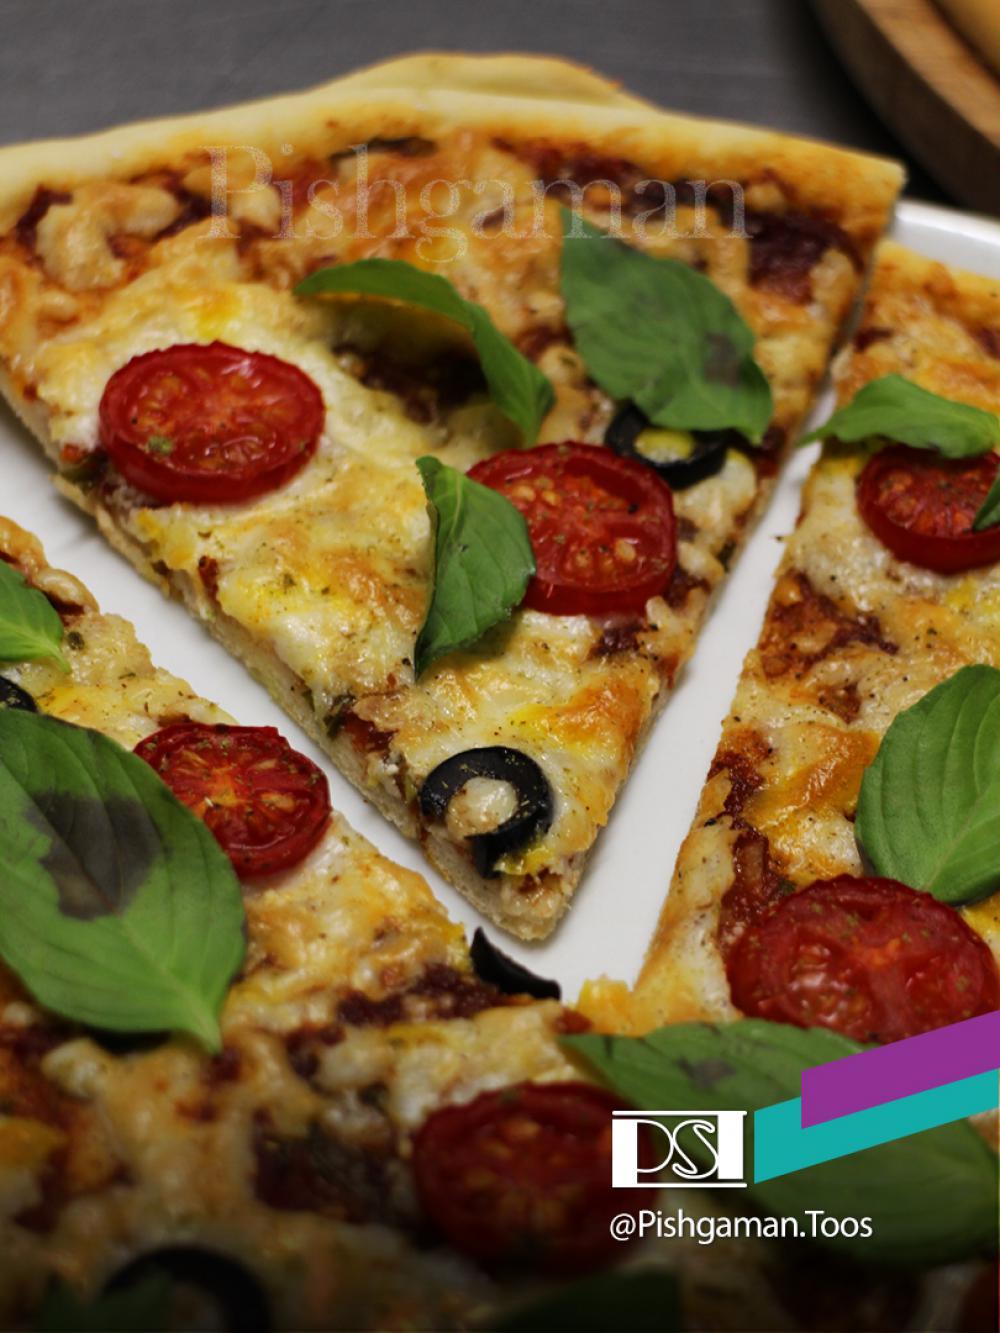 تفاوت های اصلی پیتزا آمریکایی با ایتالیایی و 9 تا از پیتزا های معروف آمریکا